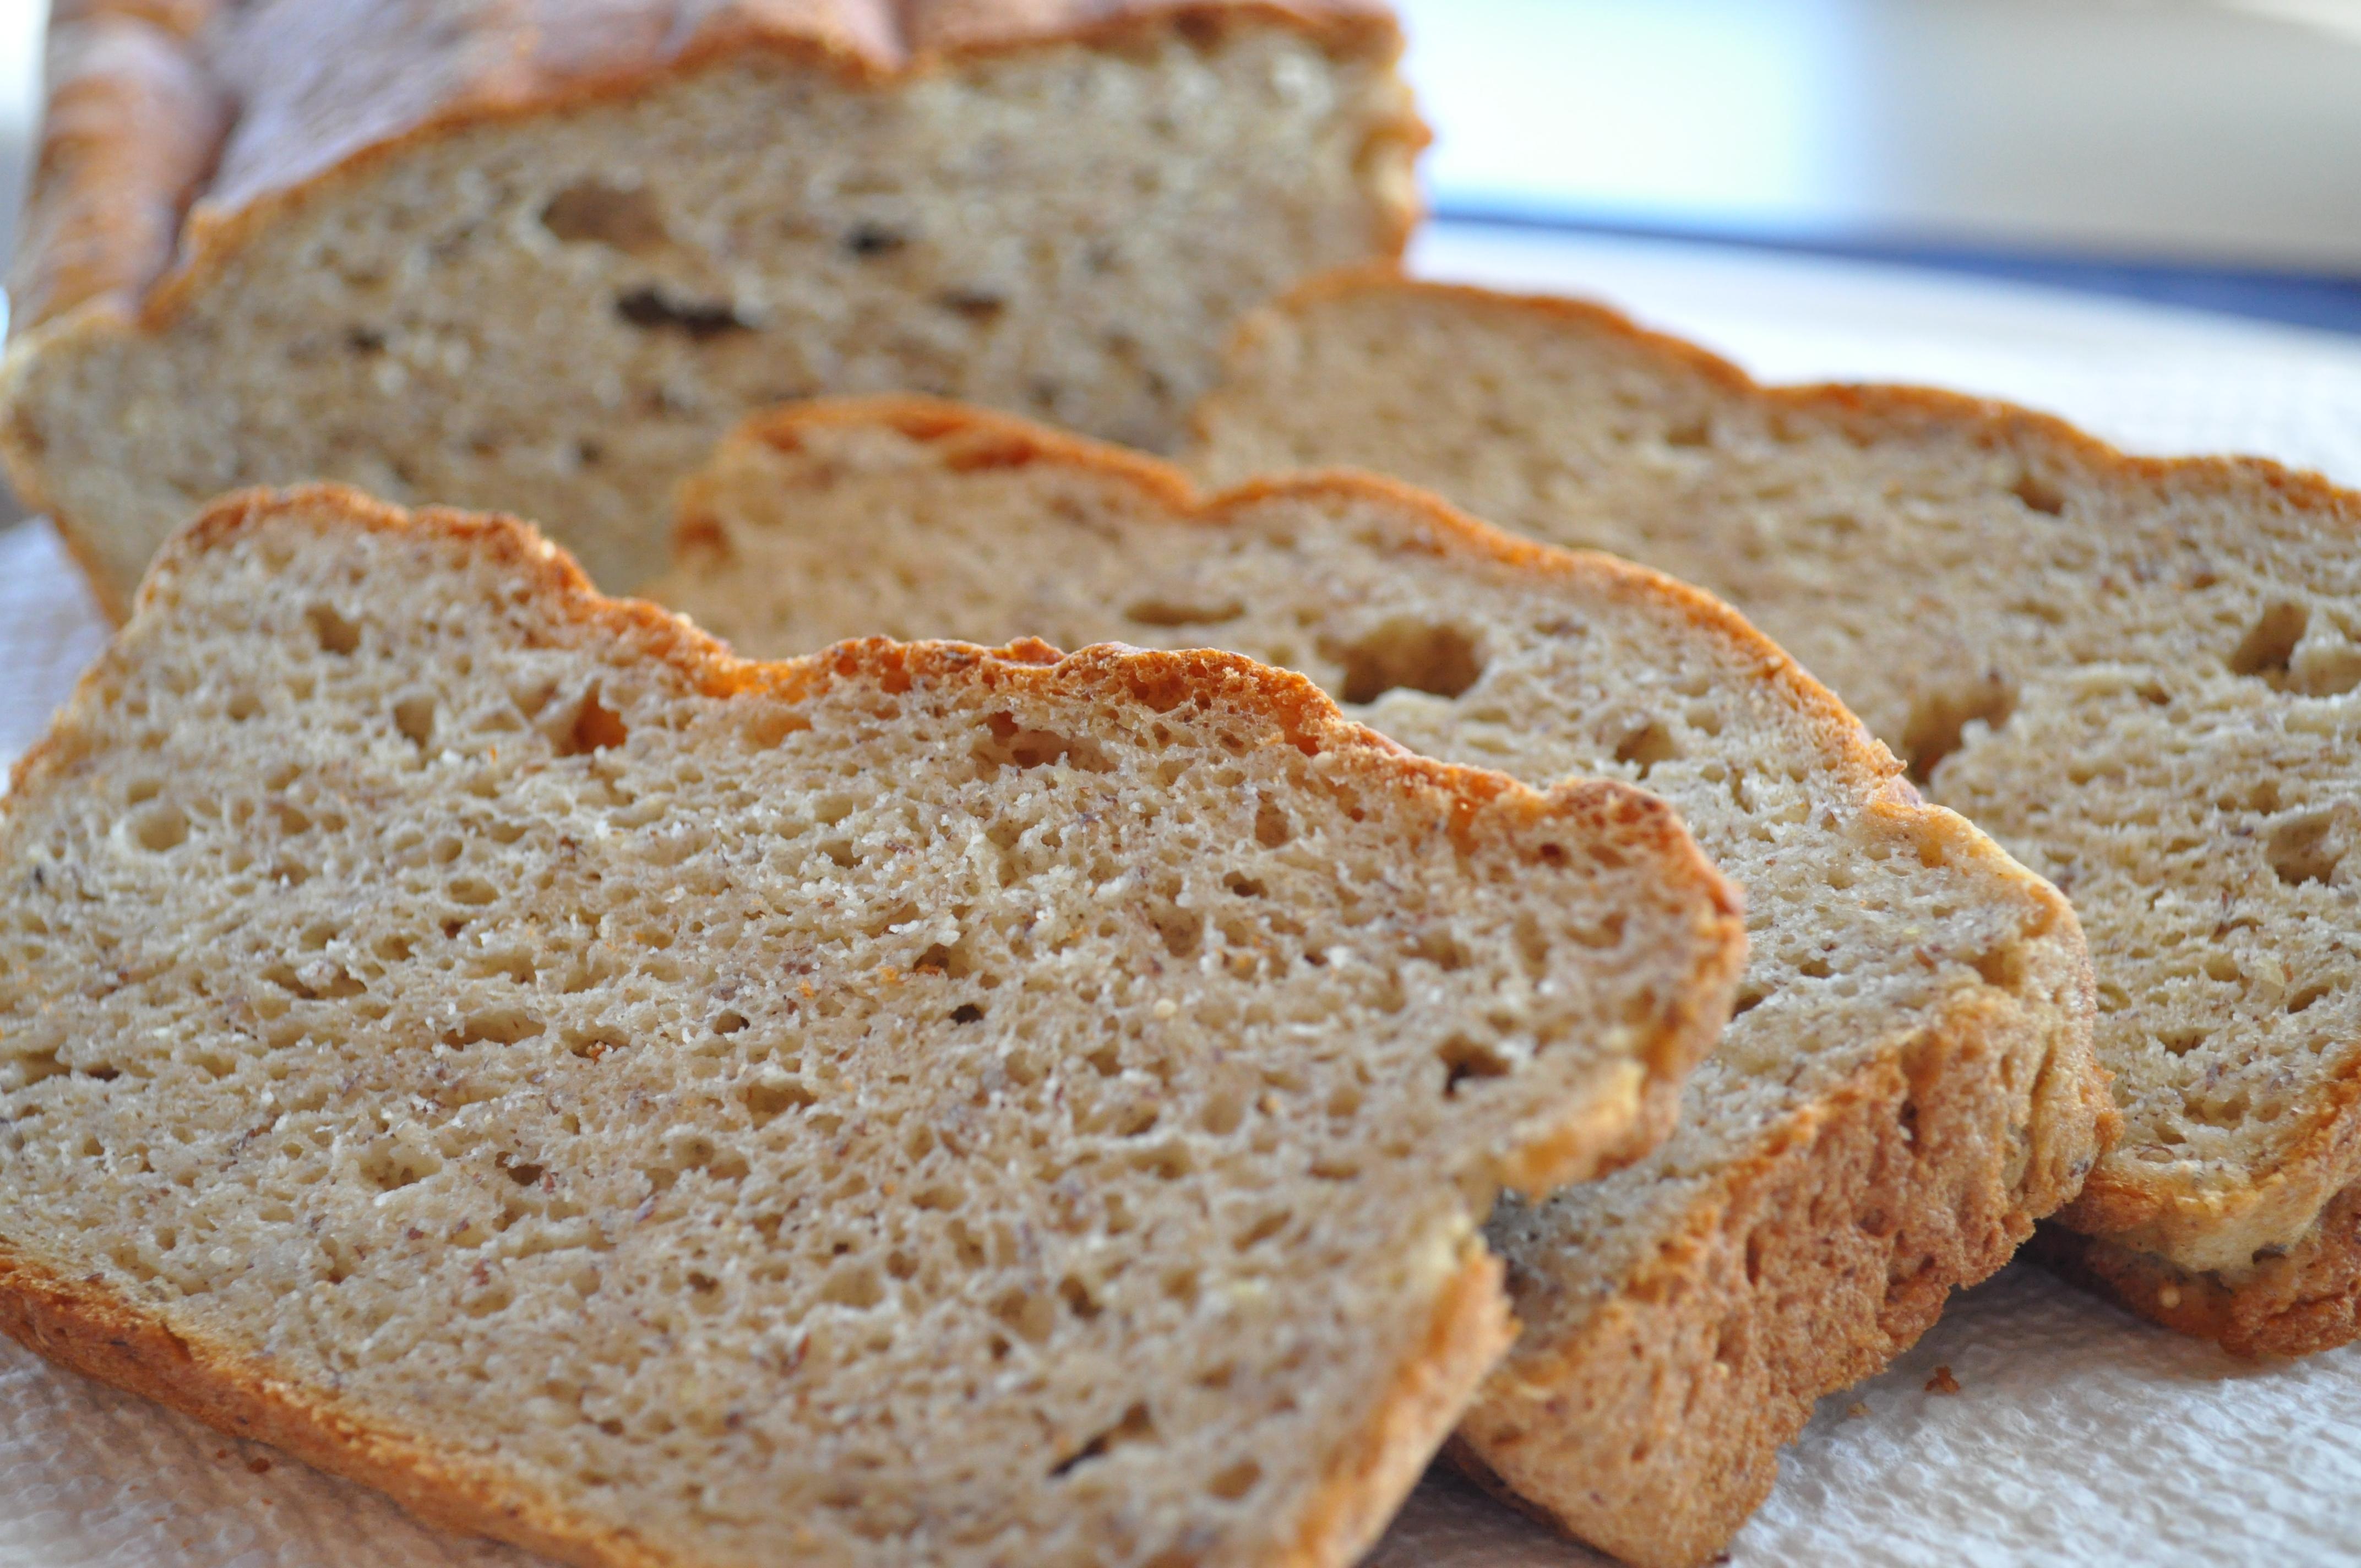 gluten-free-sandwich-bread-gluten-free-zen-4288x2848